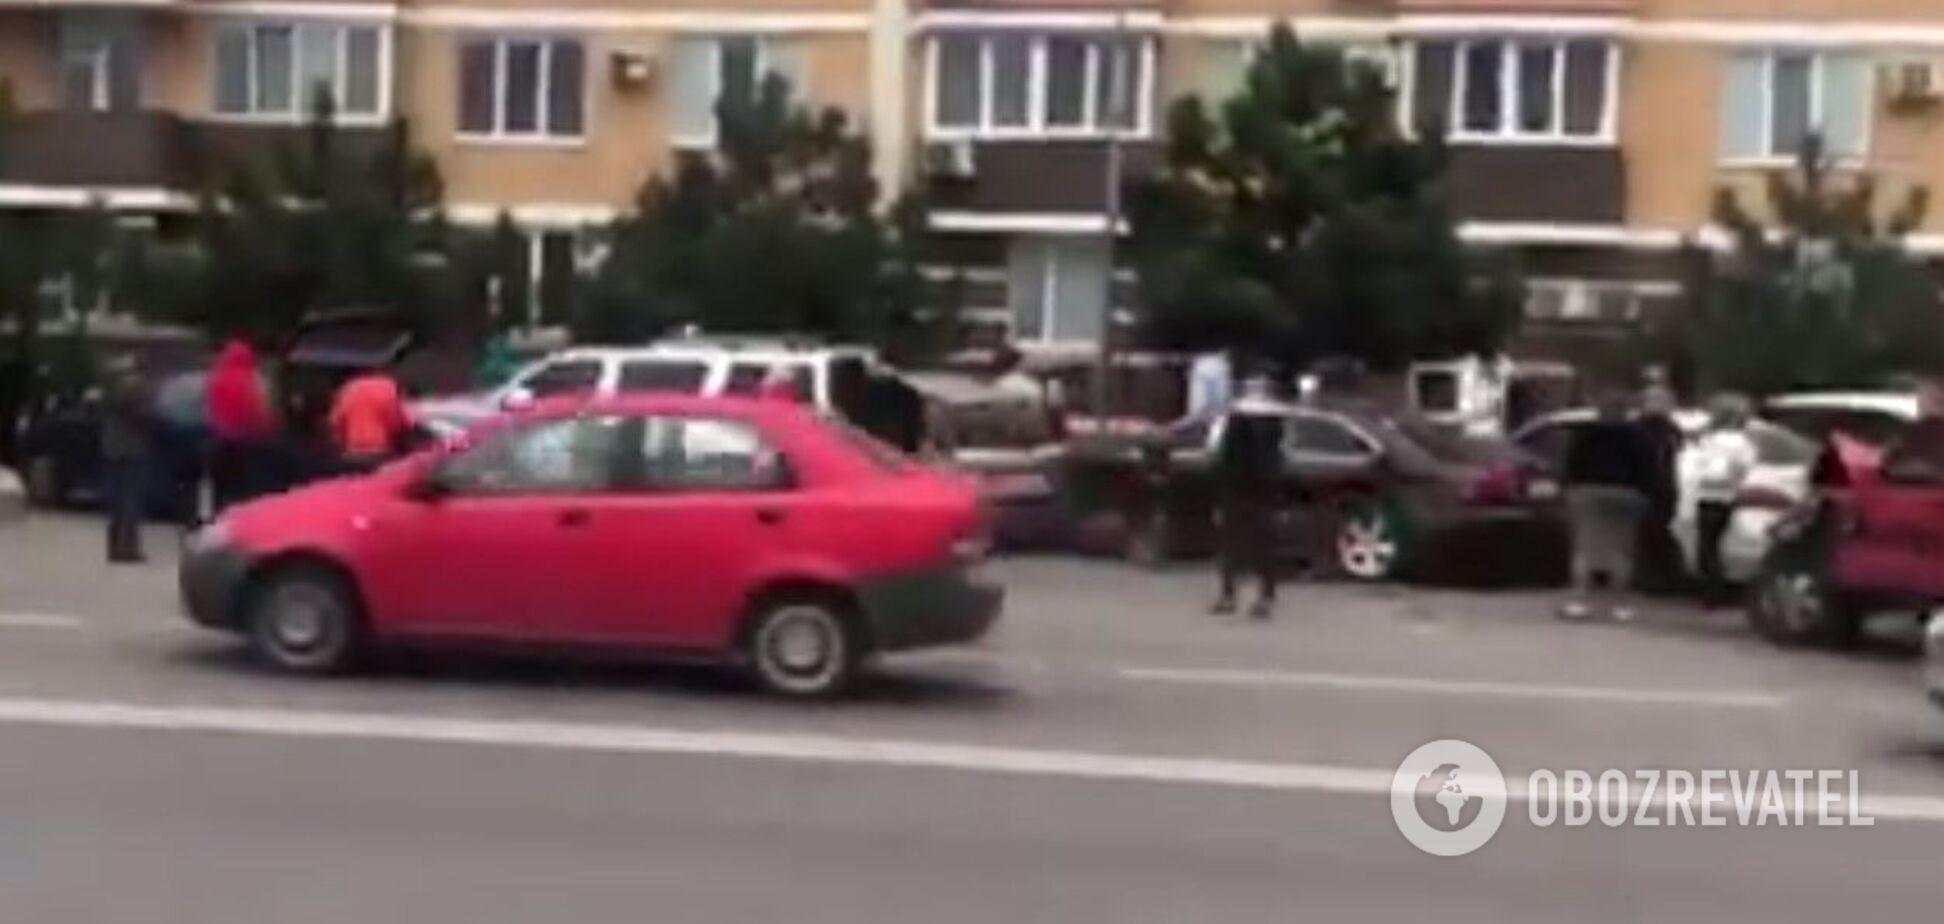 В Одесской области несовершеннолетний на джипе разбил 6 припаркованных автомобилей